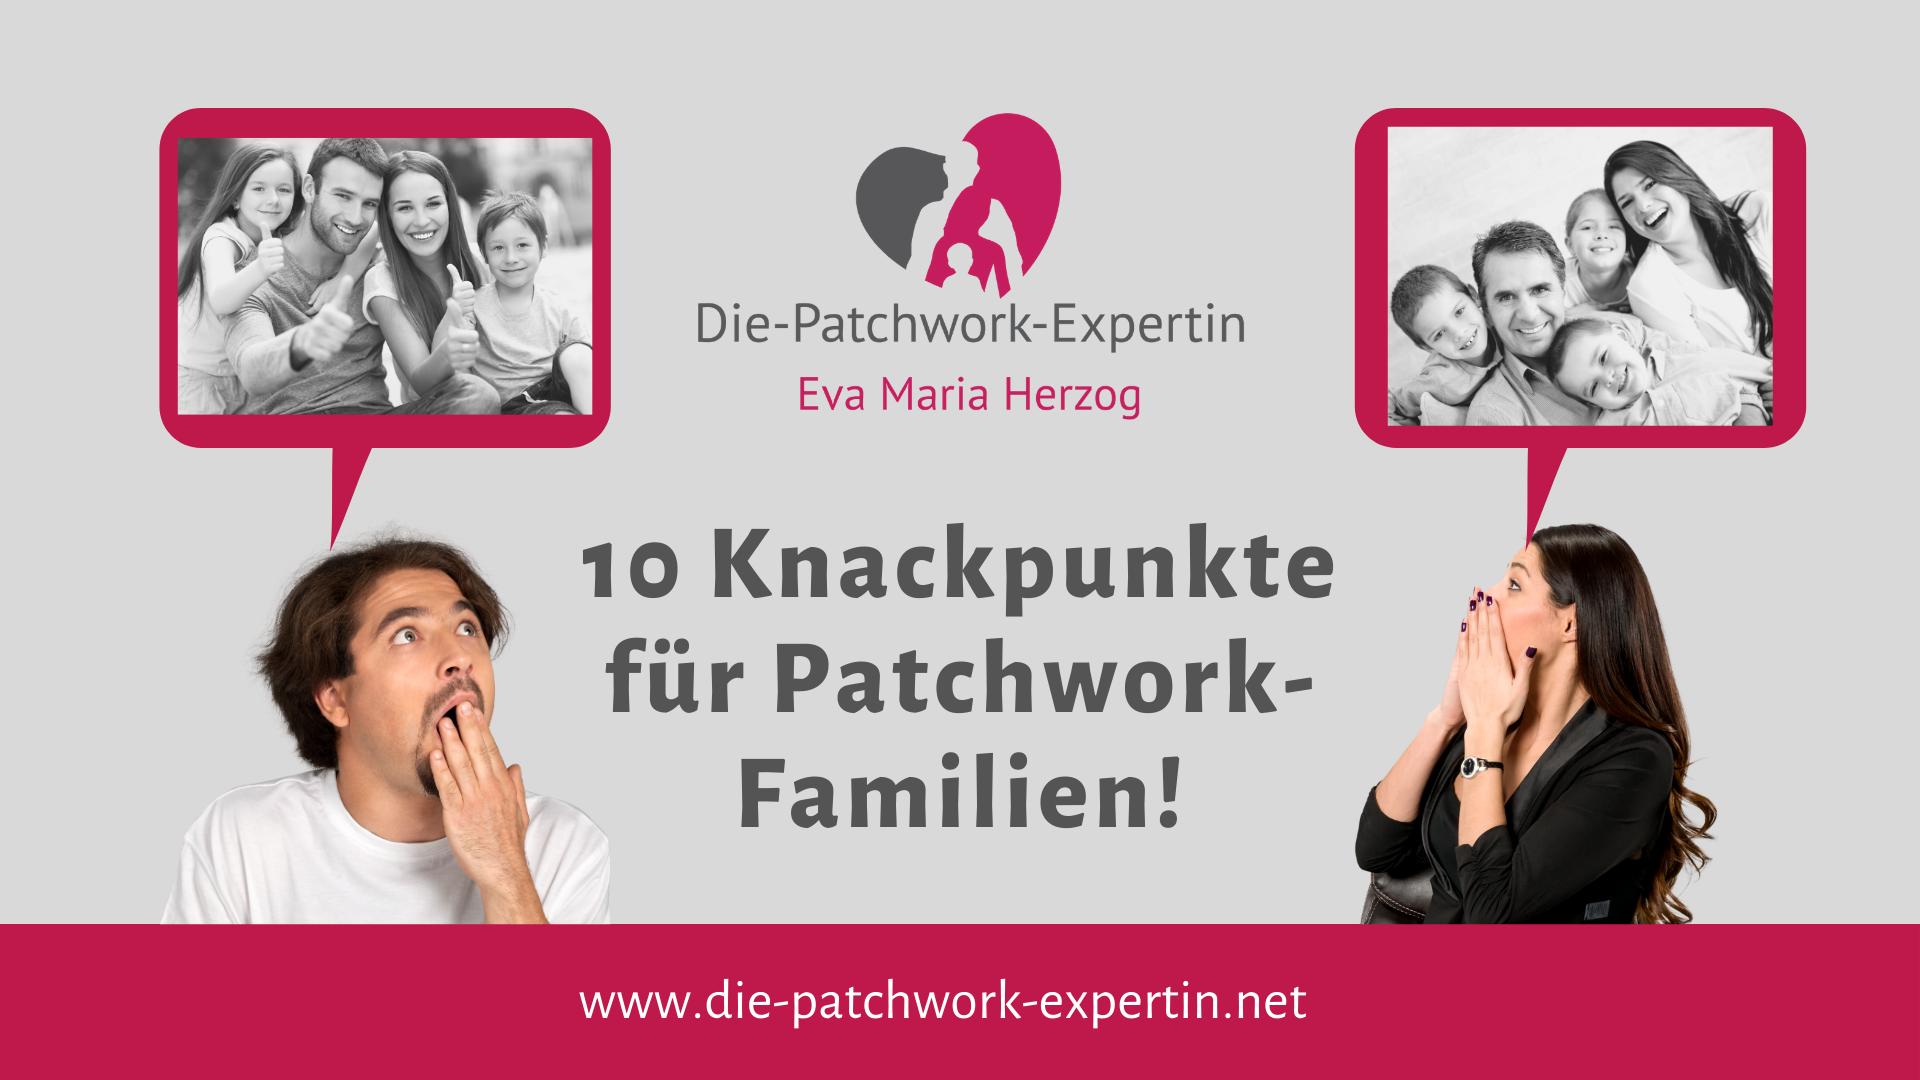 Knackpunkteliste Patchworkfamilie